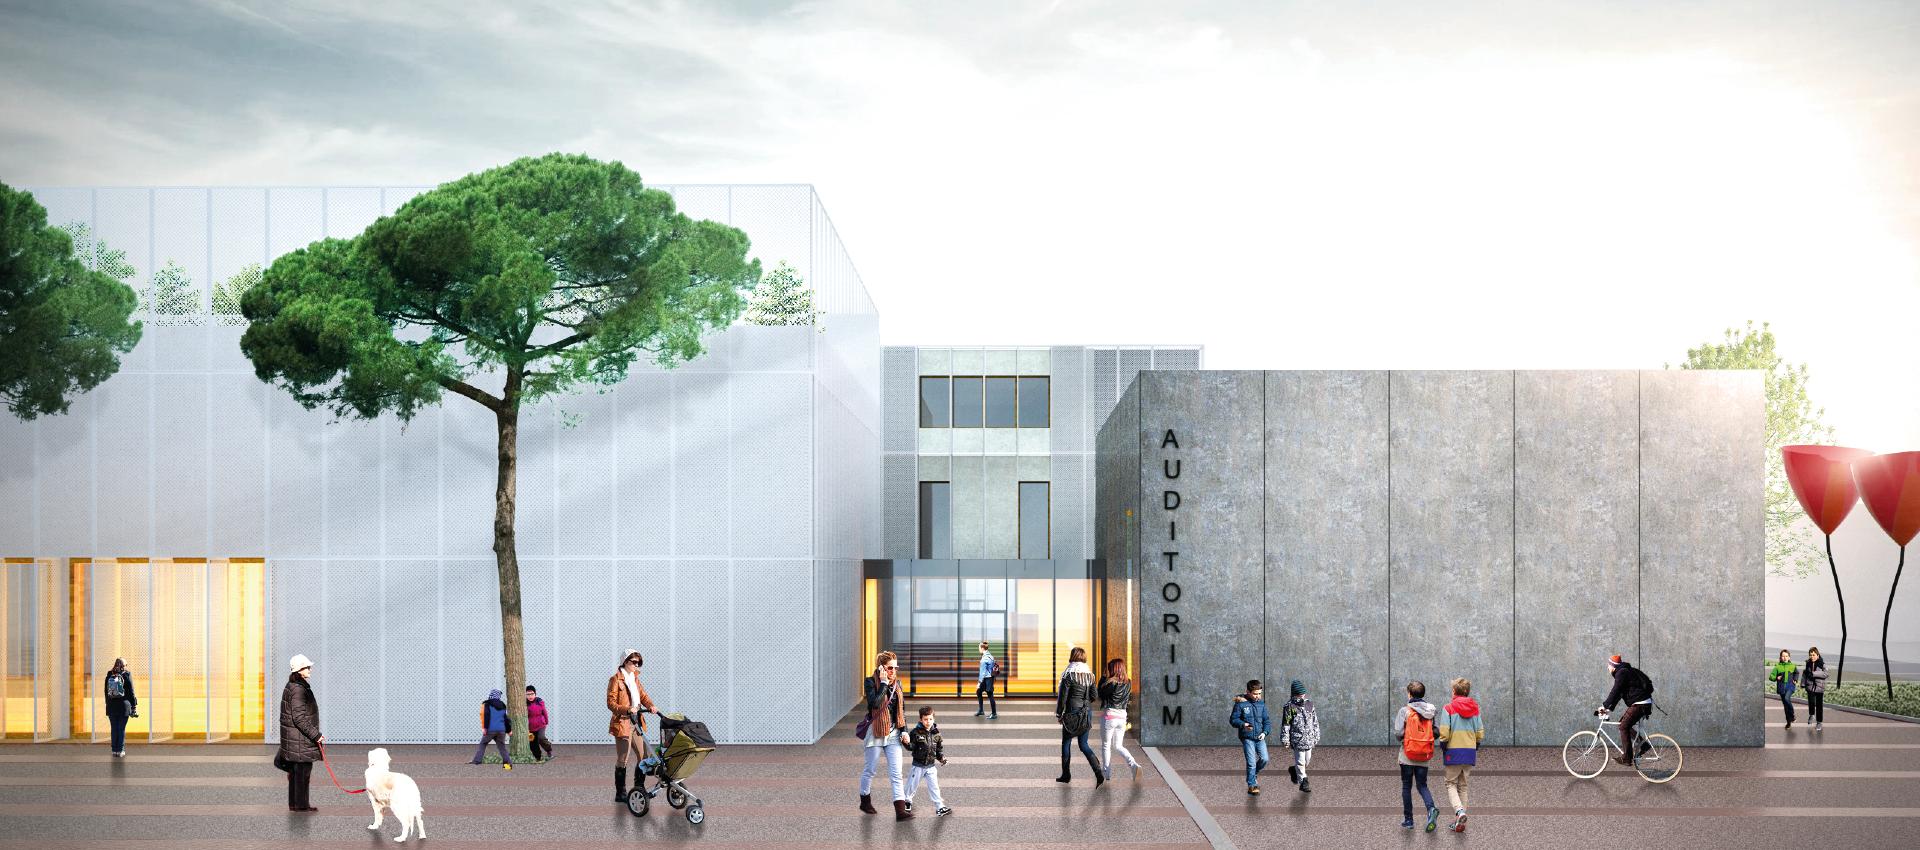 AREAPROGETTI si aggiudica il progetto per la nuova scuola media Panzacchi di Ozzano dell'Emilia